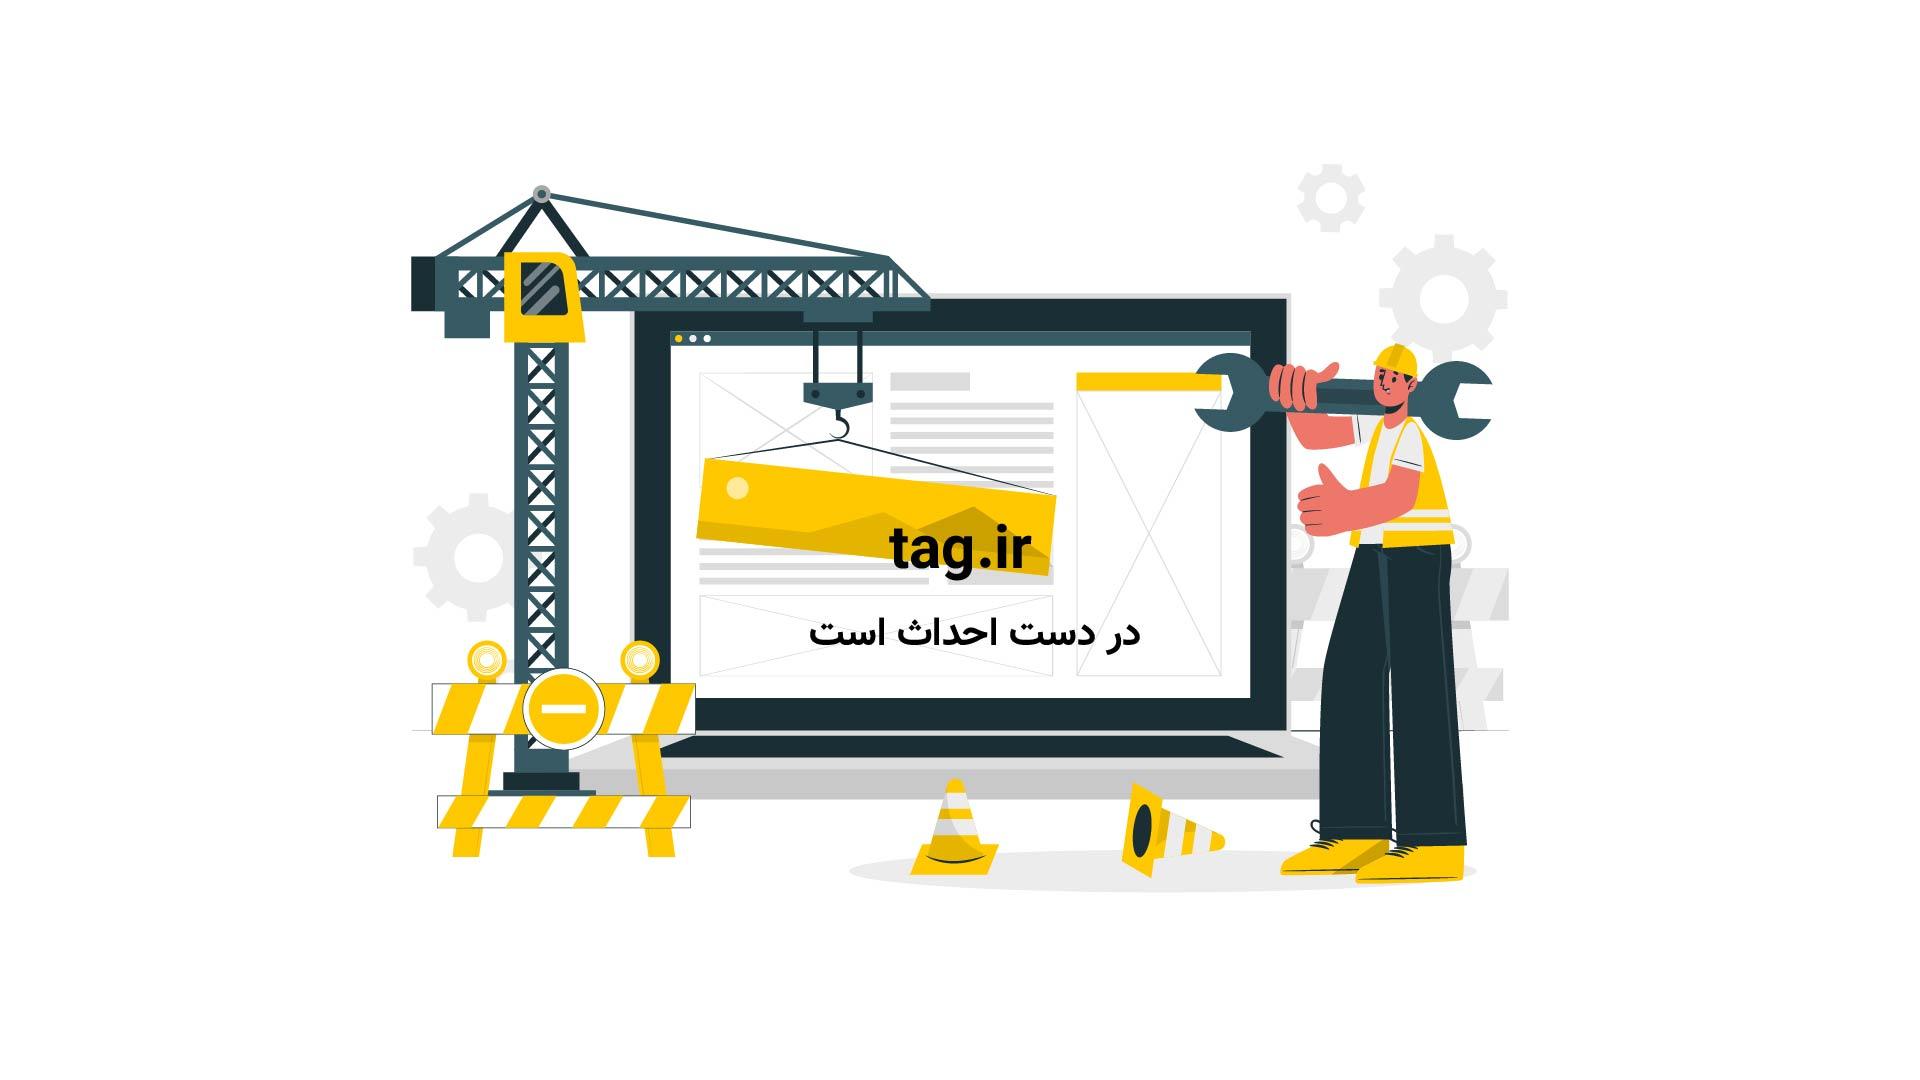 لحظه سقوط هواپیمای ترکیه | فیلم